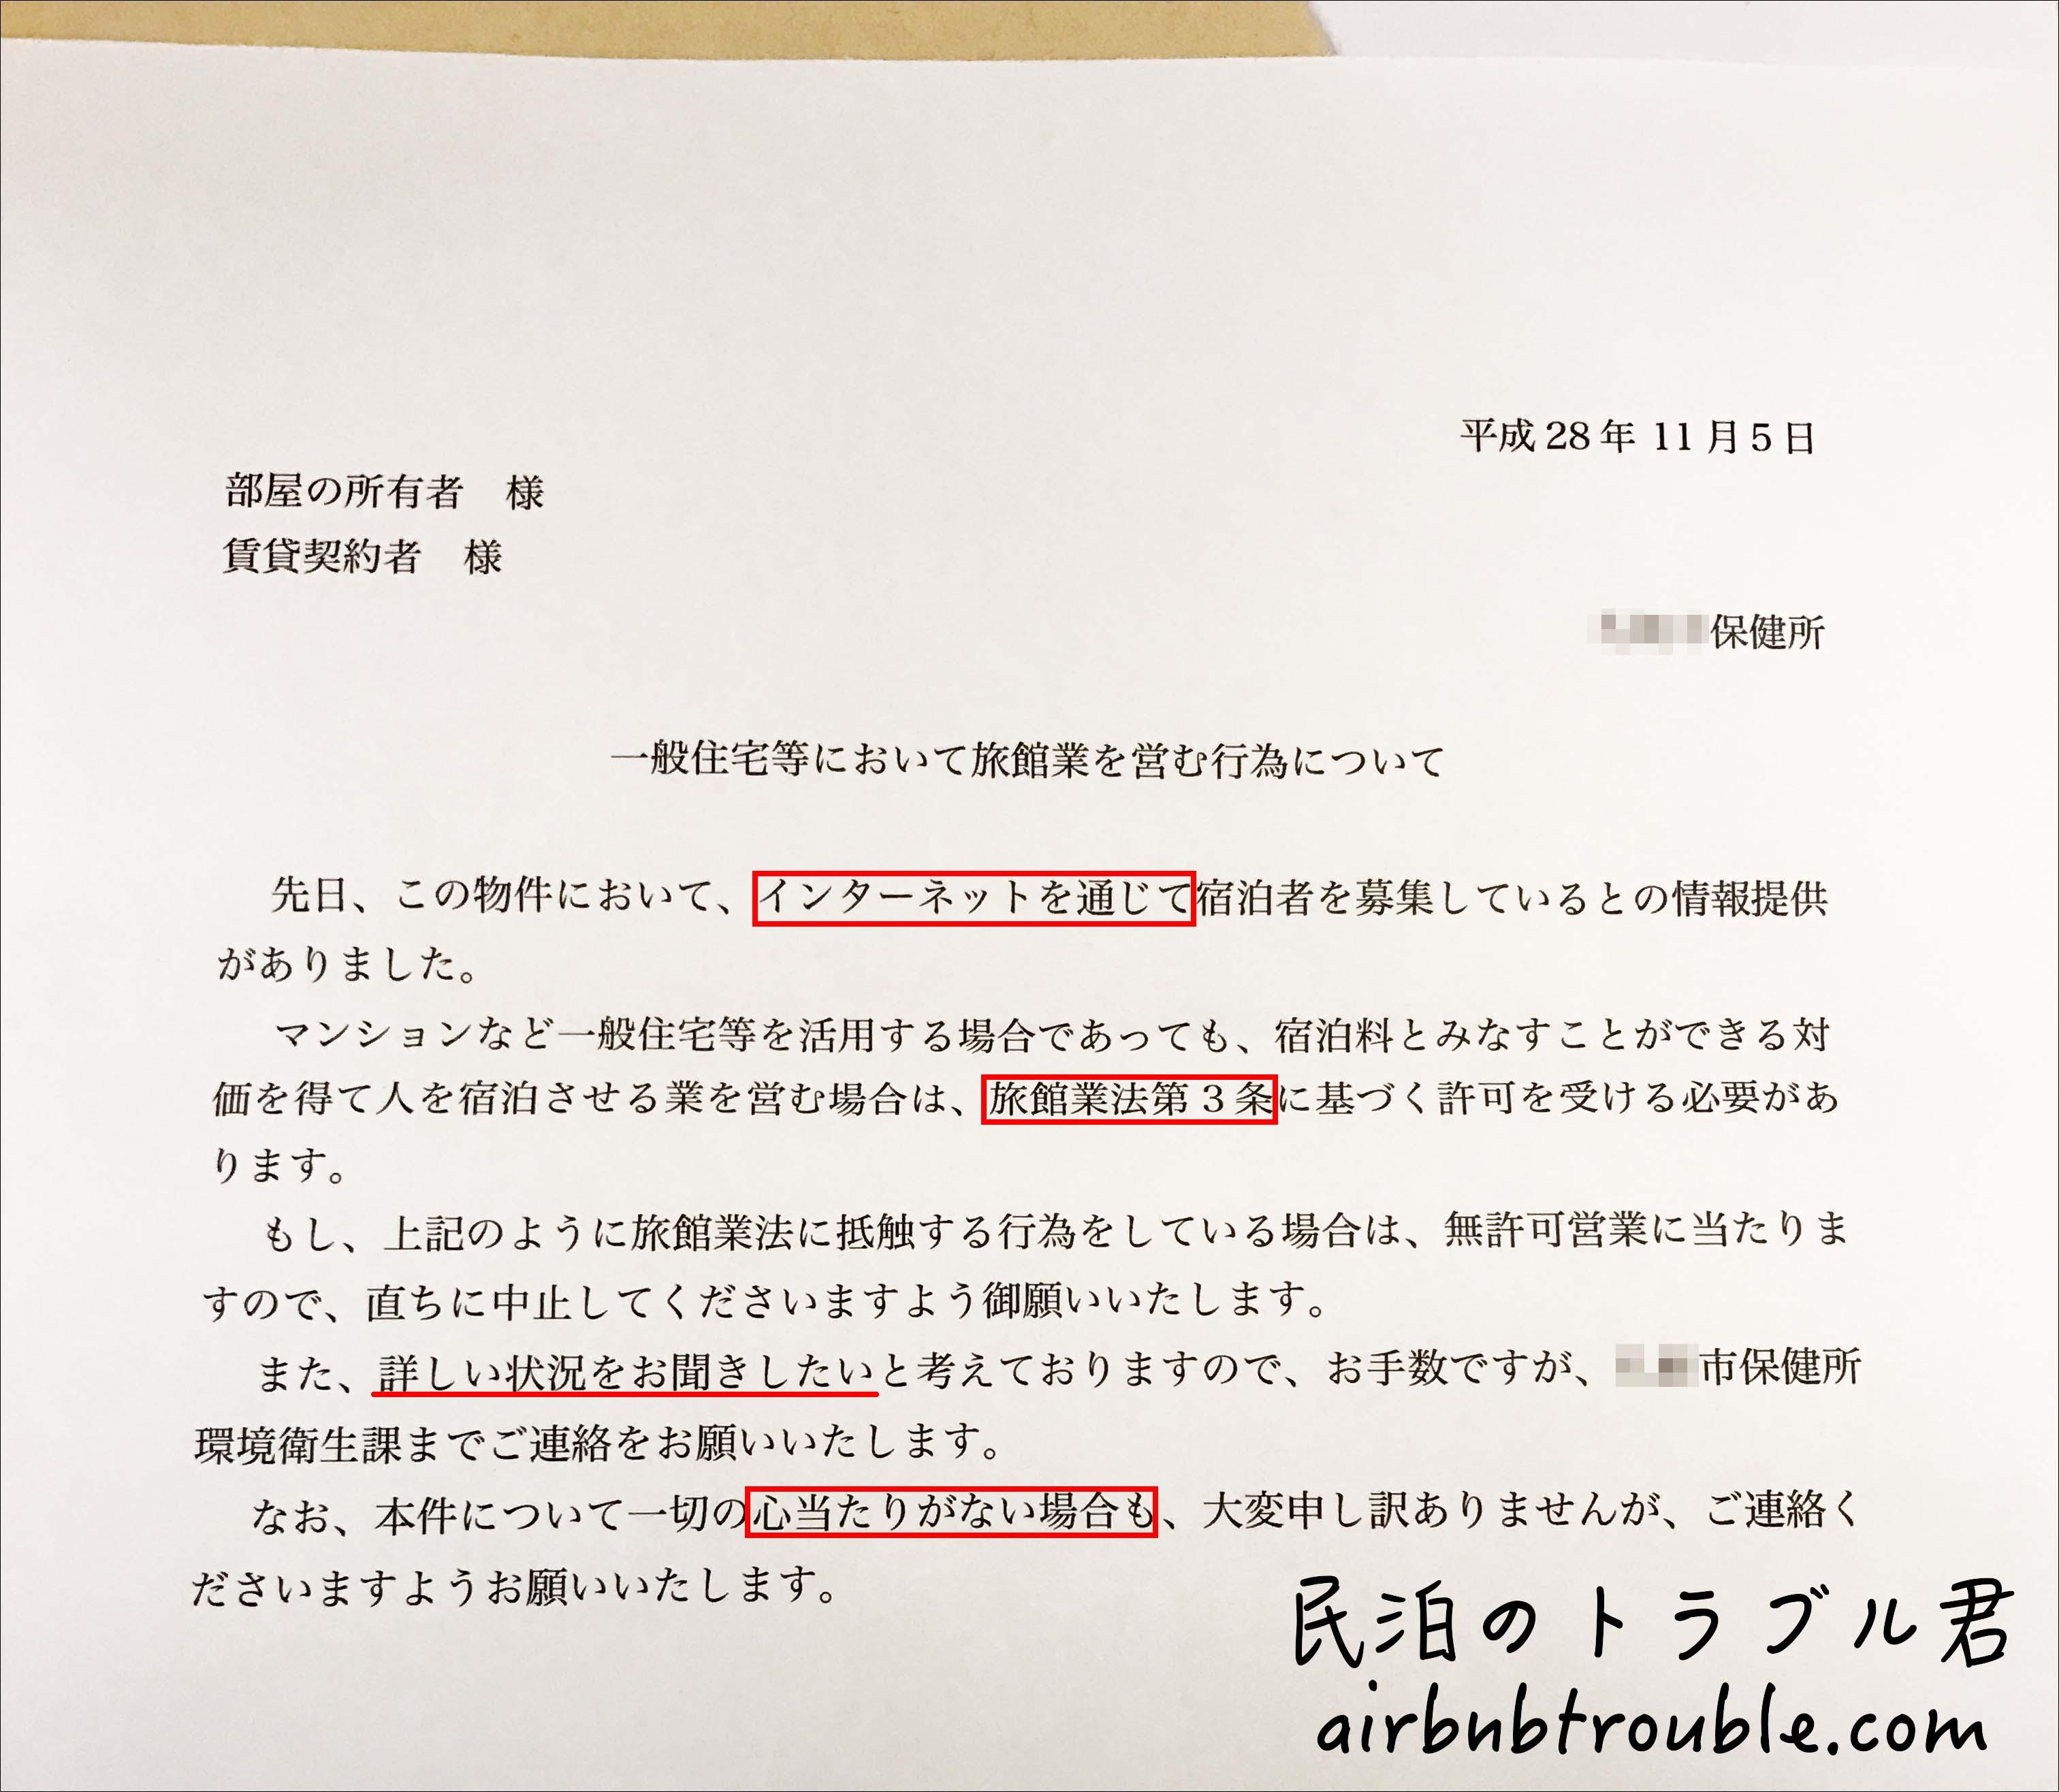 #59【実録】旅館業に営む注意の手紙が届きました。